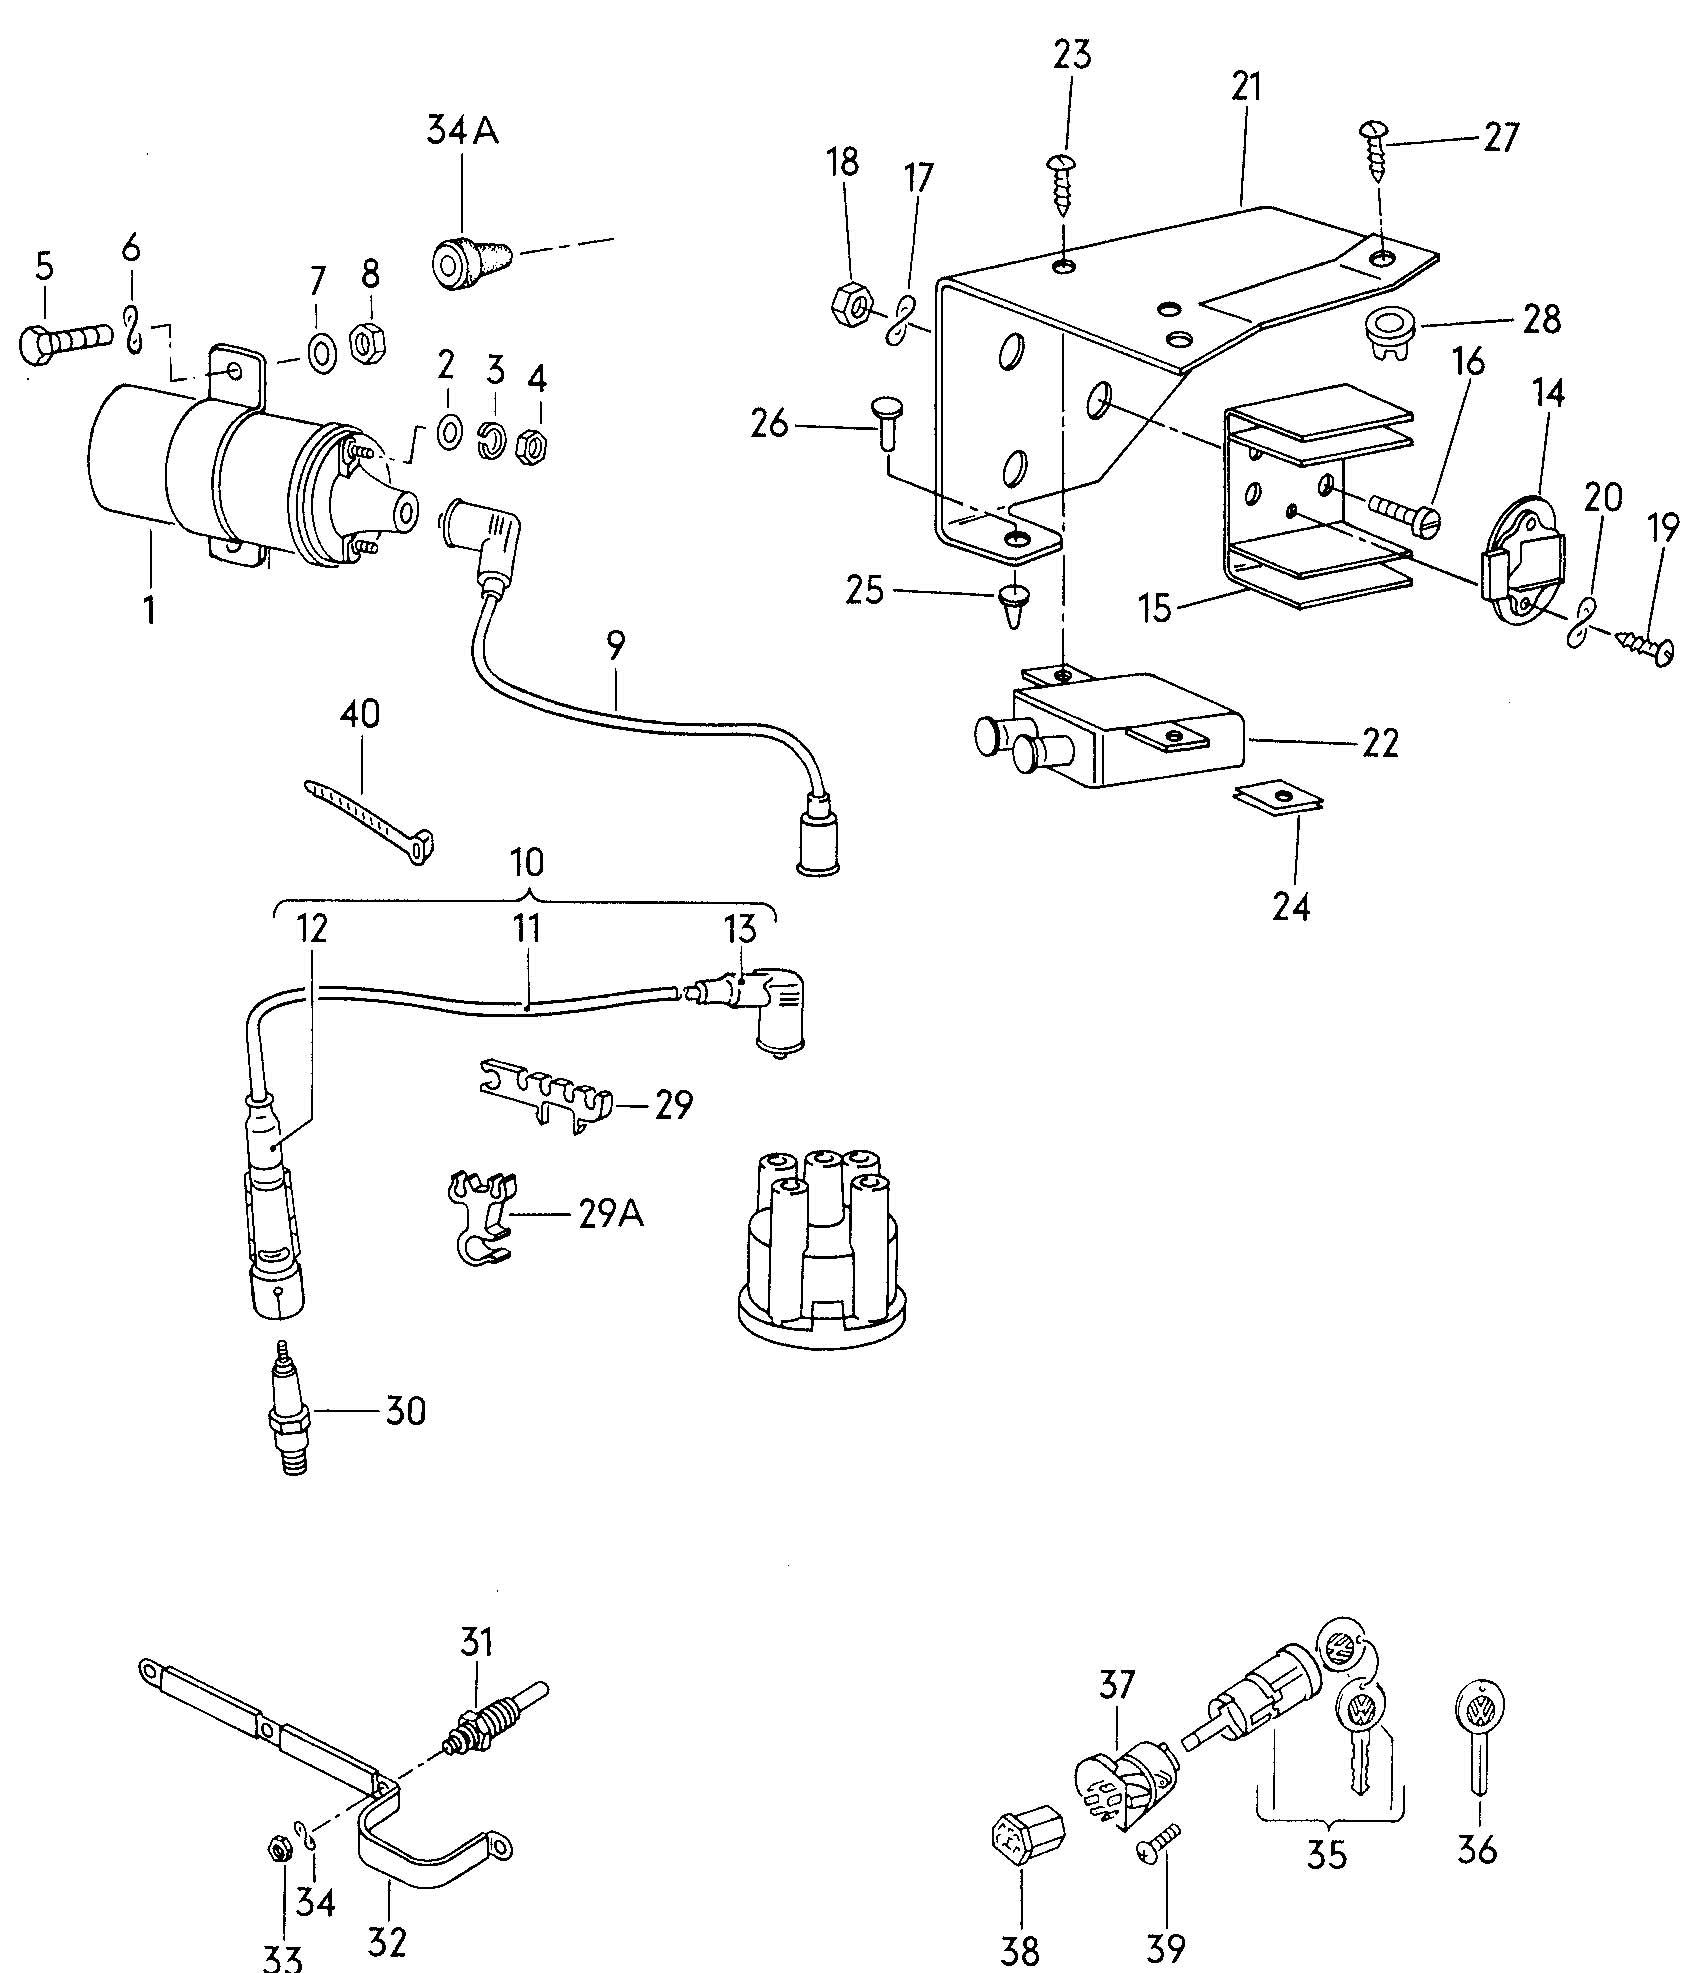 1987 vw vanagon engine diagram  diagram  auto wiring diagram